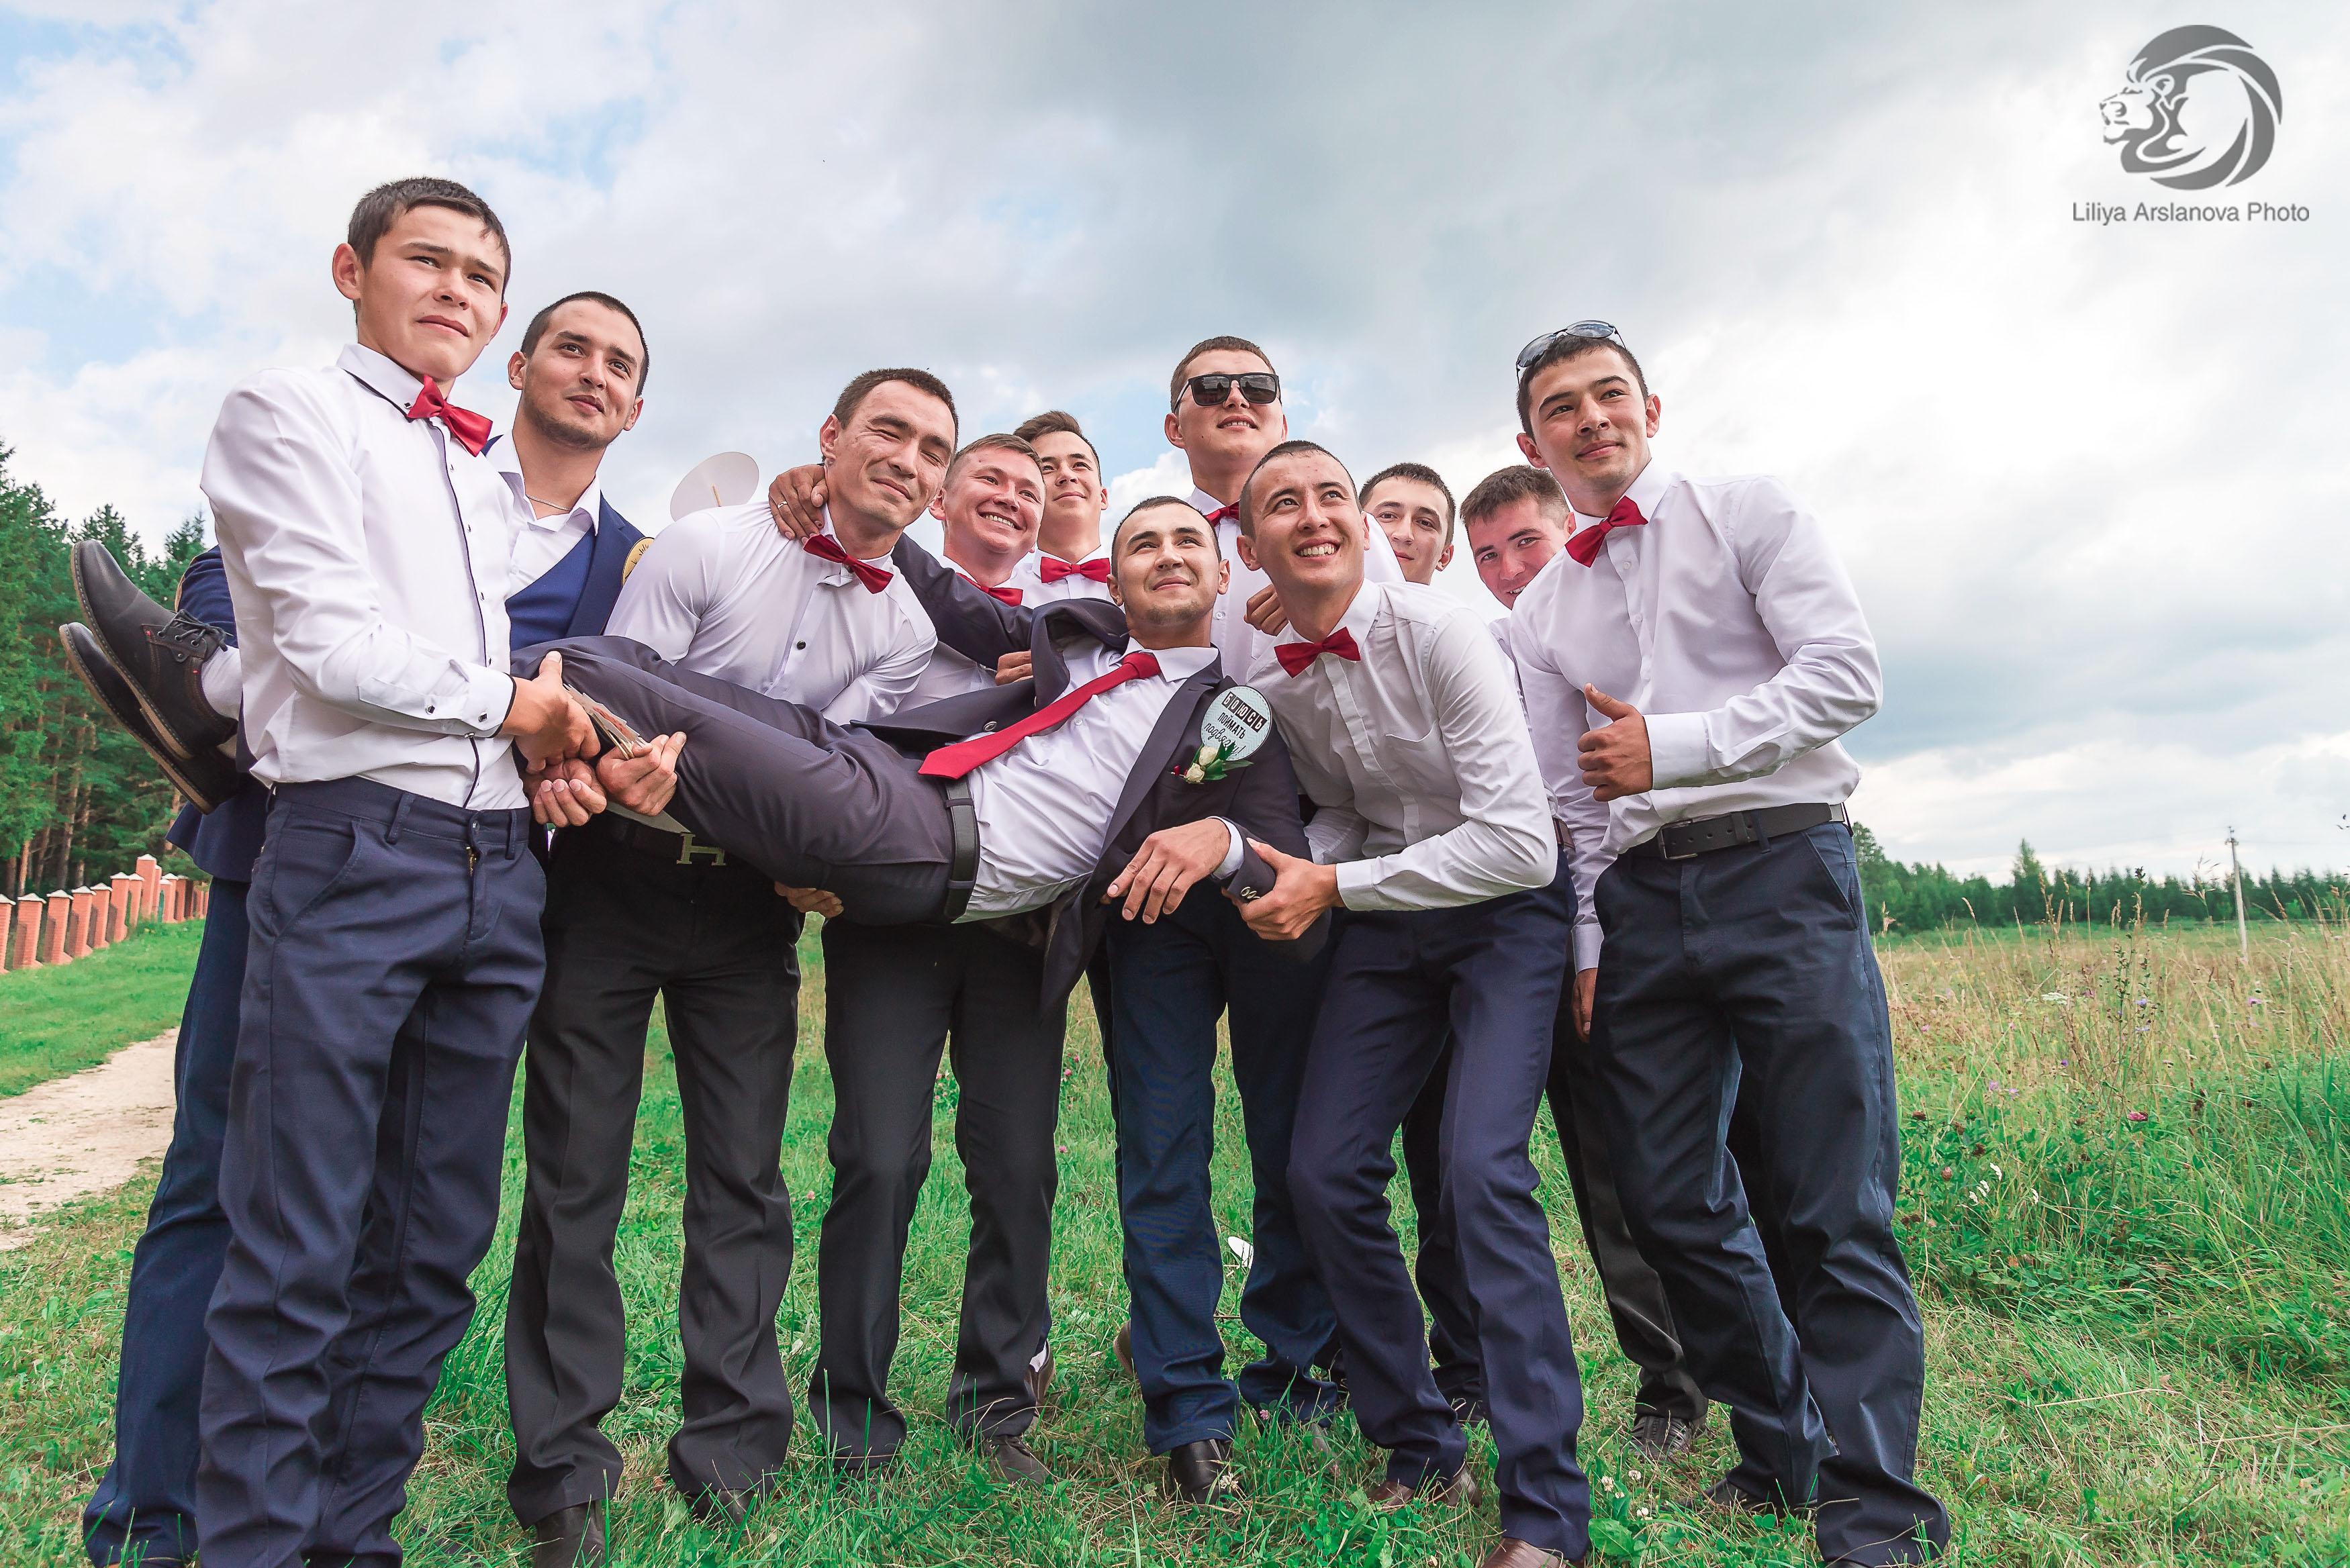 Друзья всегда поддержат. Свадебный фотограф Стерлитамак , свадебный фотограф Красноусольск, фотограф на свадьбу стерлитамак недорого, фотограф свадебный цена стерлитамак санаторий красноусольск